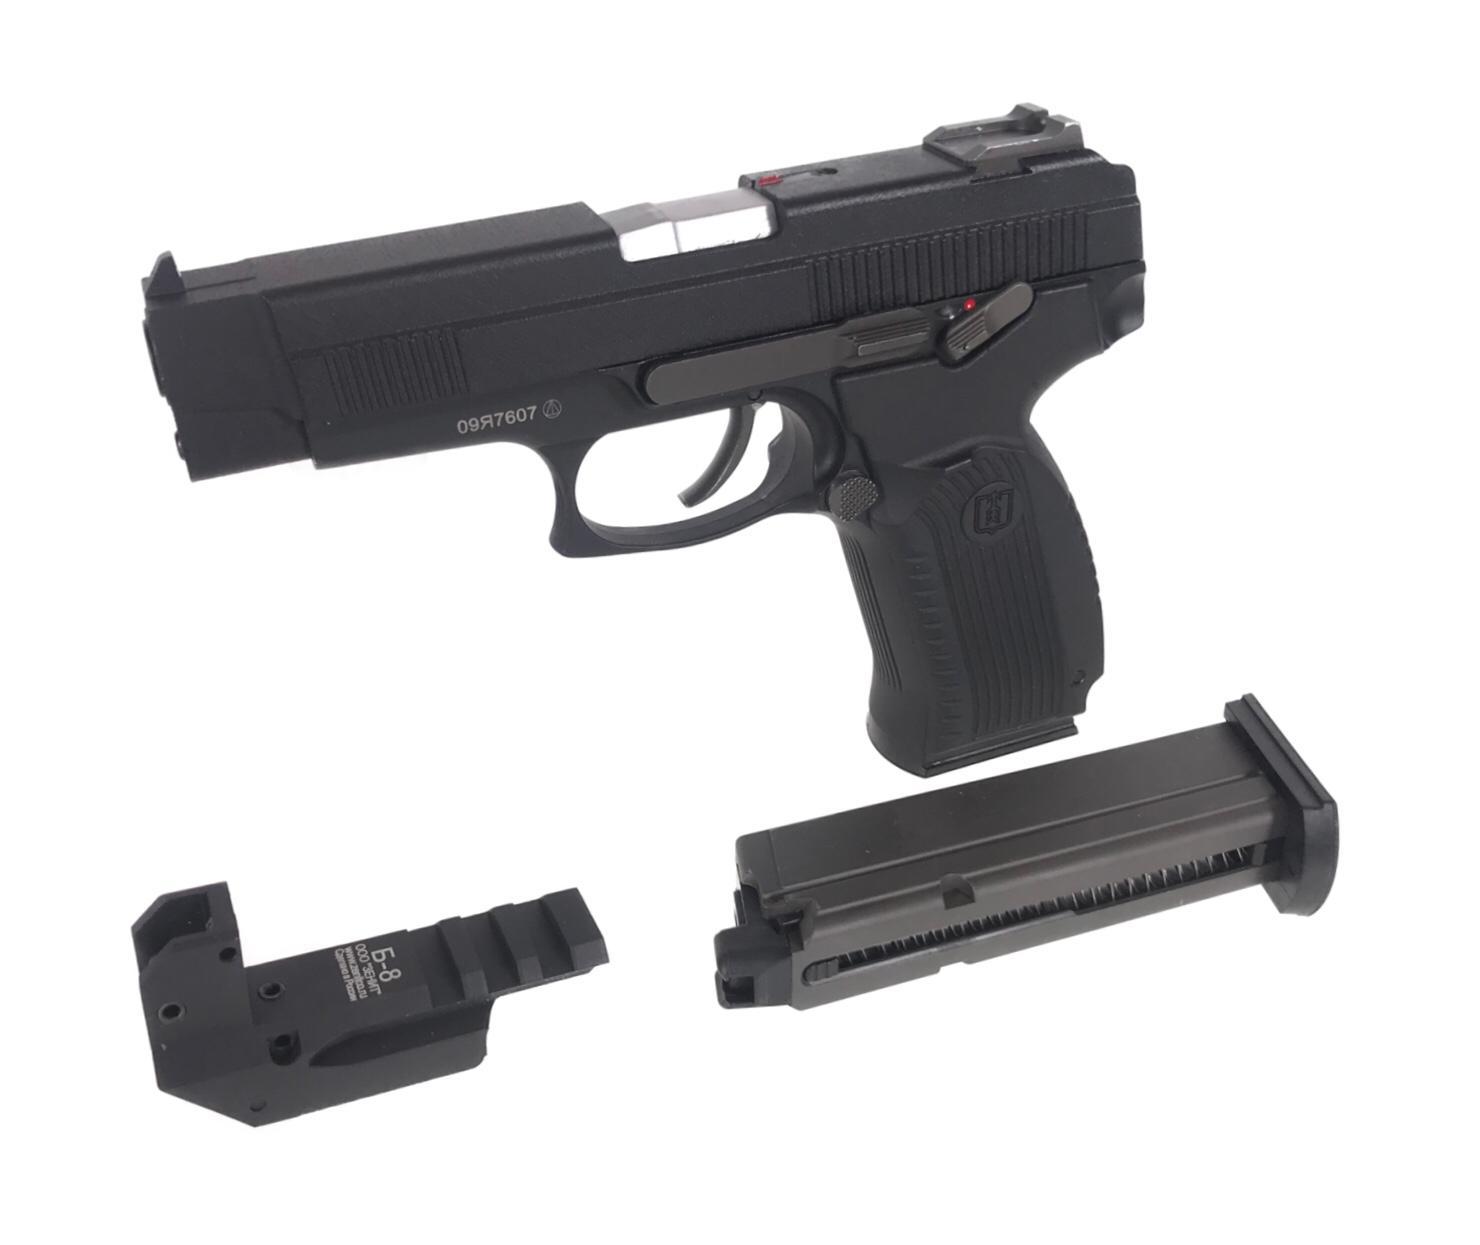 【予約品】 FCW製 MP443 グラッチ ガスブローバック ハンドガン 国内規制用 樹脂スライド【9月上旬入荷予定】